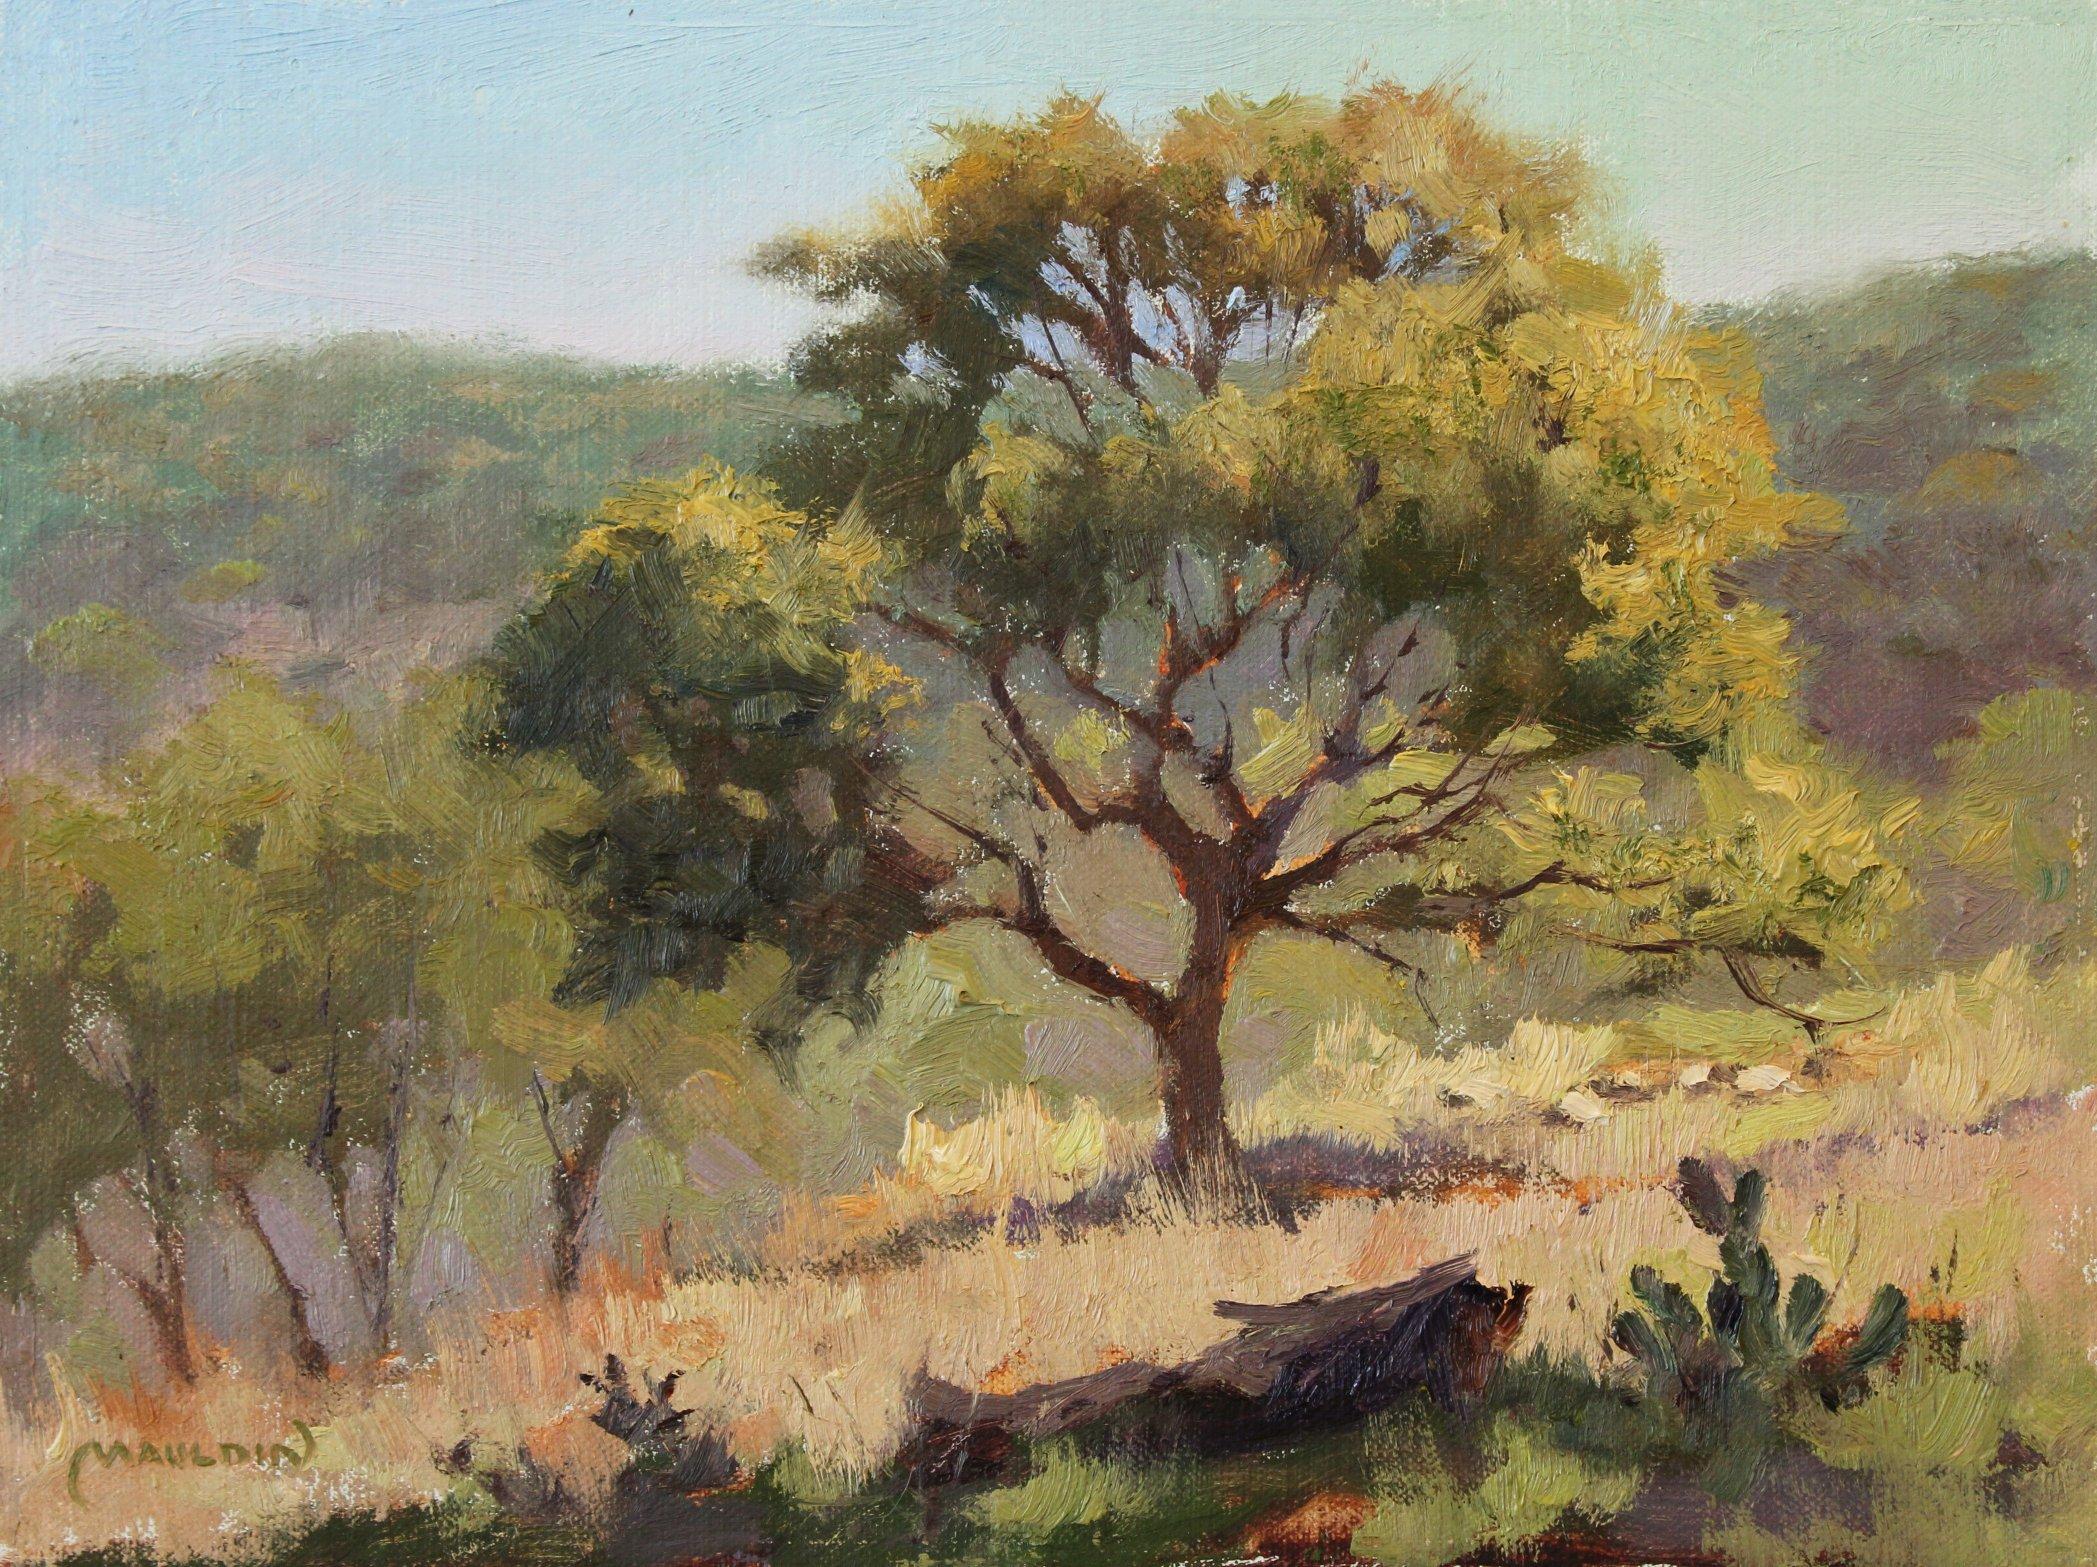 Hillside Oak by  Chuck Mauldin - Masterpiece Online